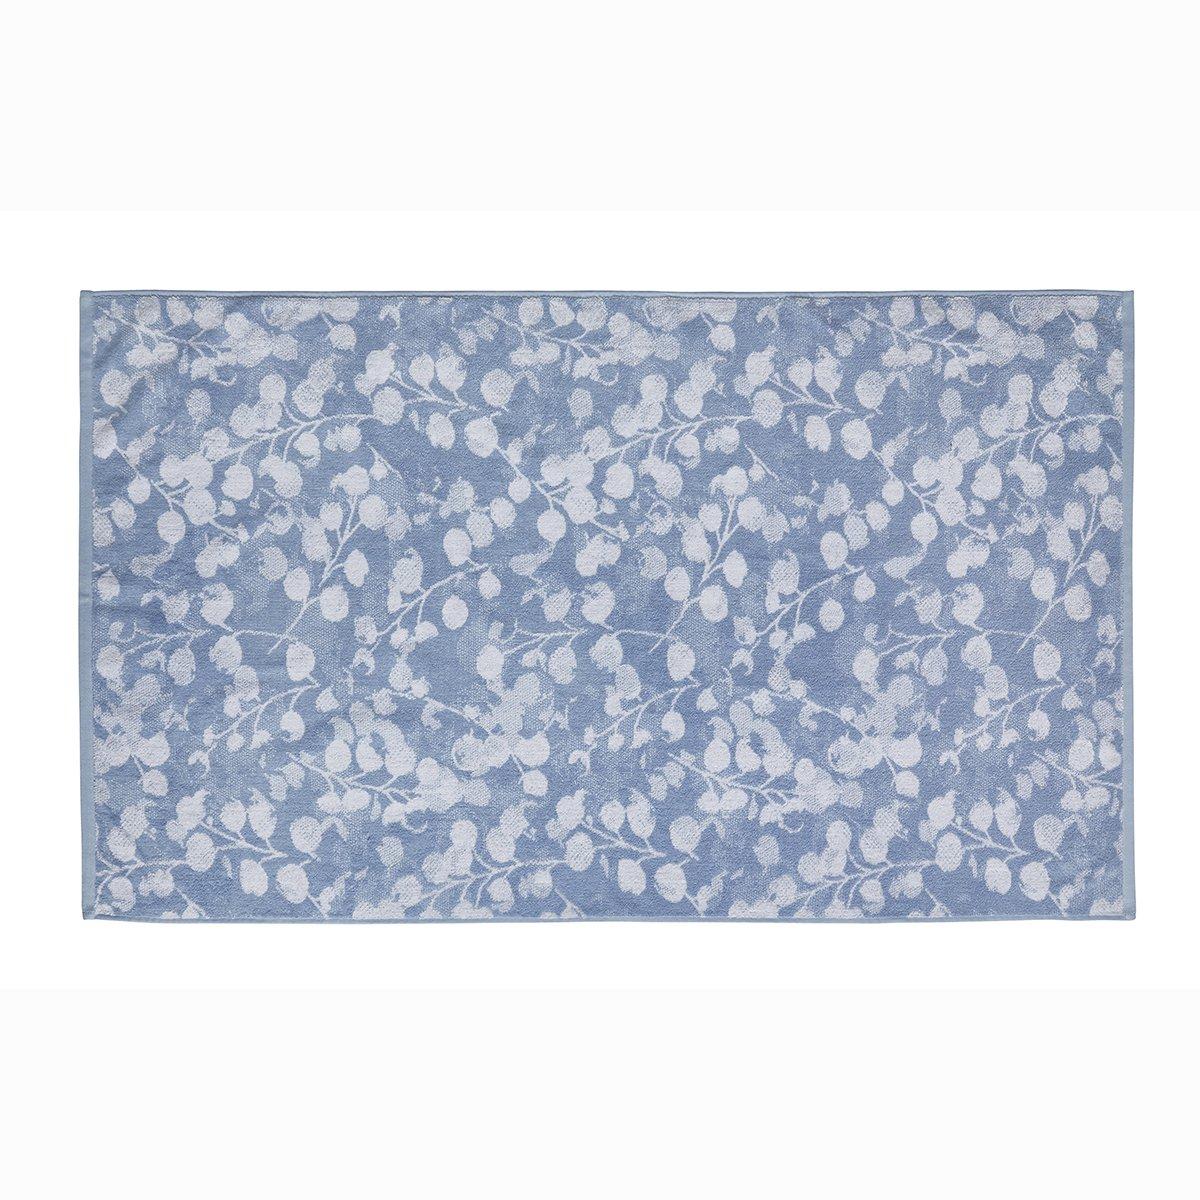 Drap de douche coton 70x140 cm bleu clair